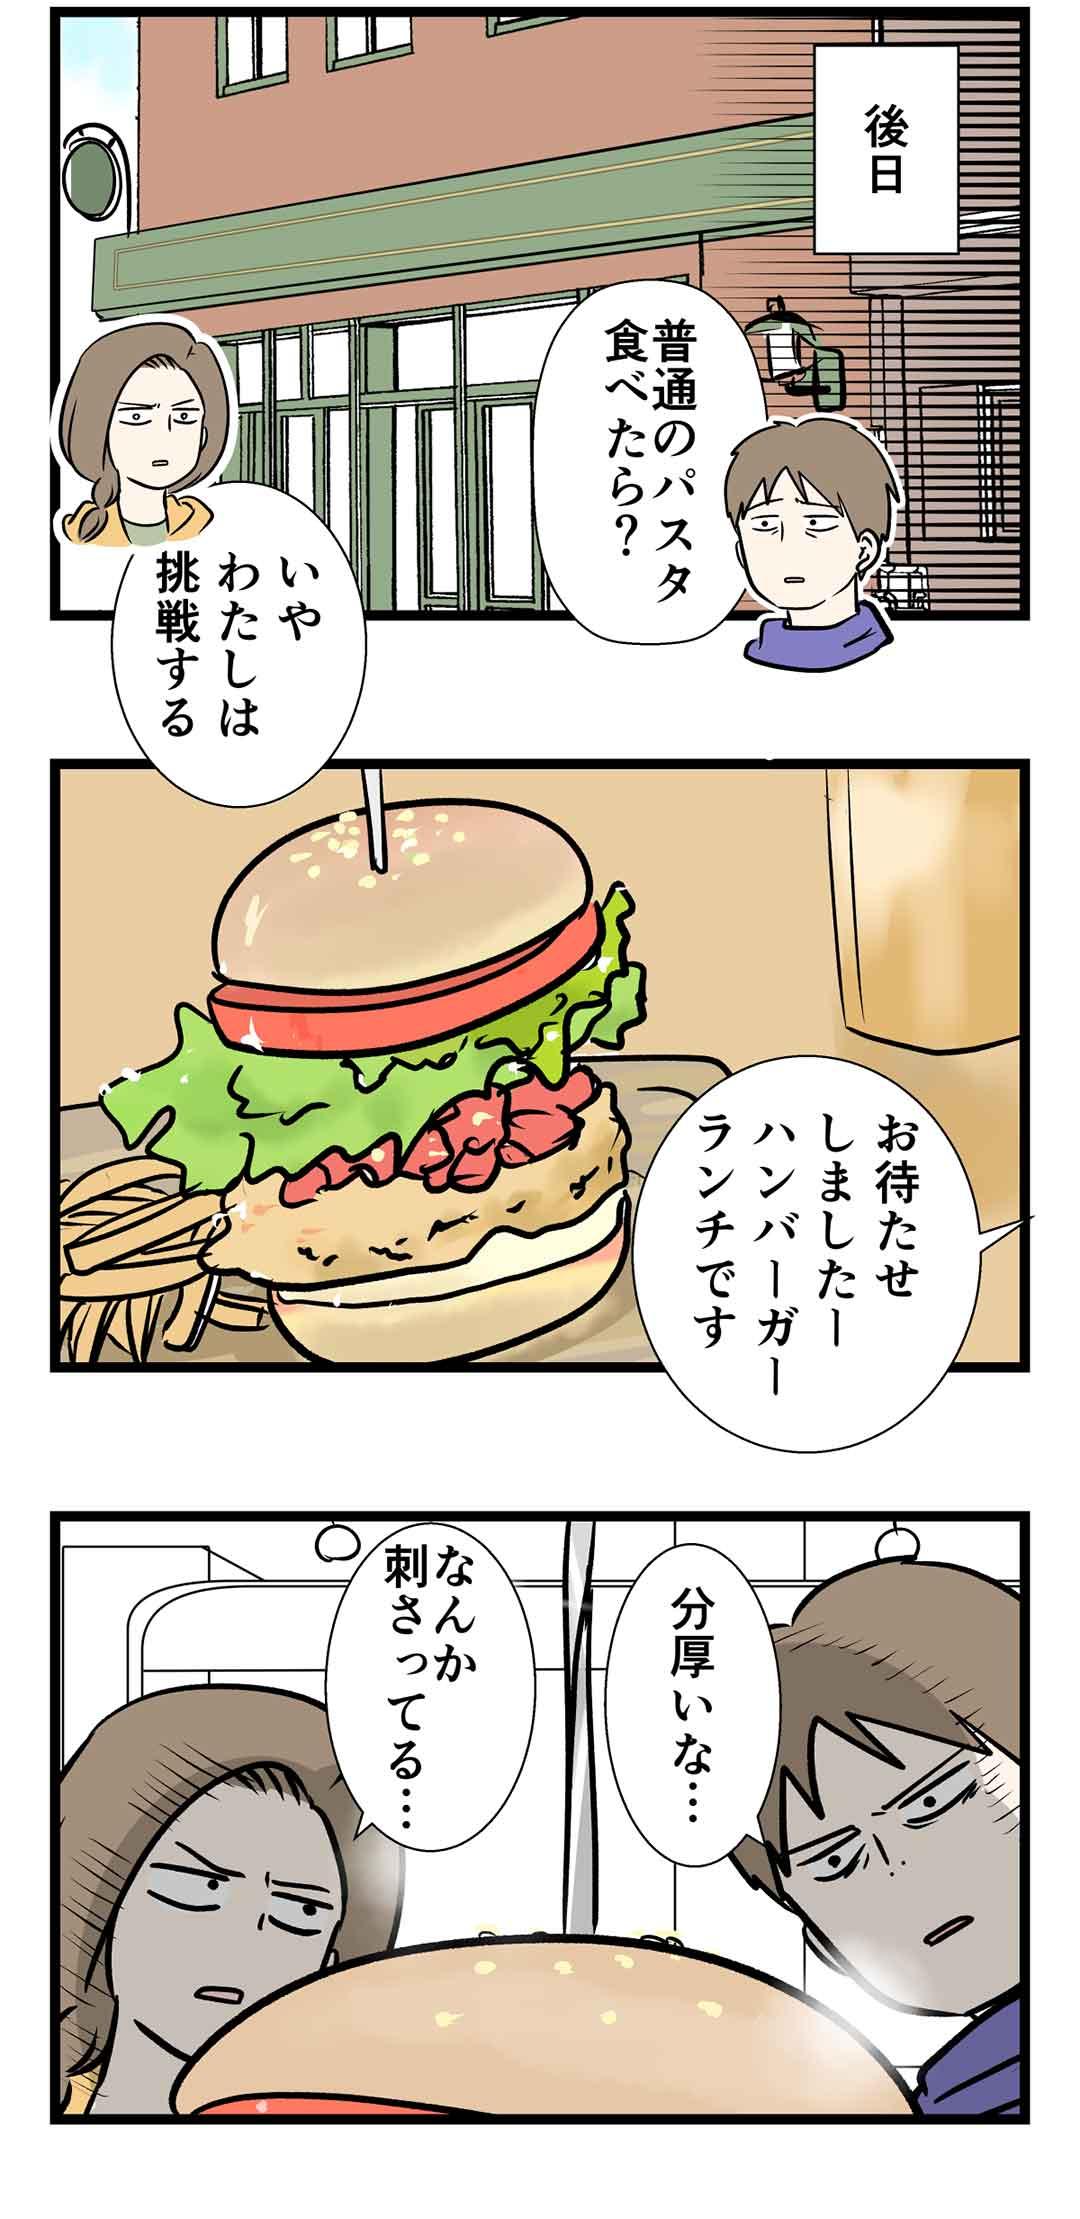 インスタ映えしそうなサンドウィッチの食べ方の正解を知りたい